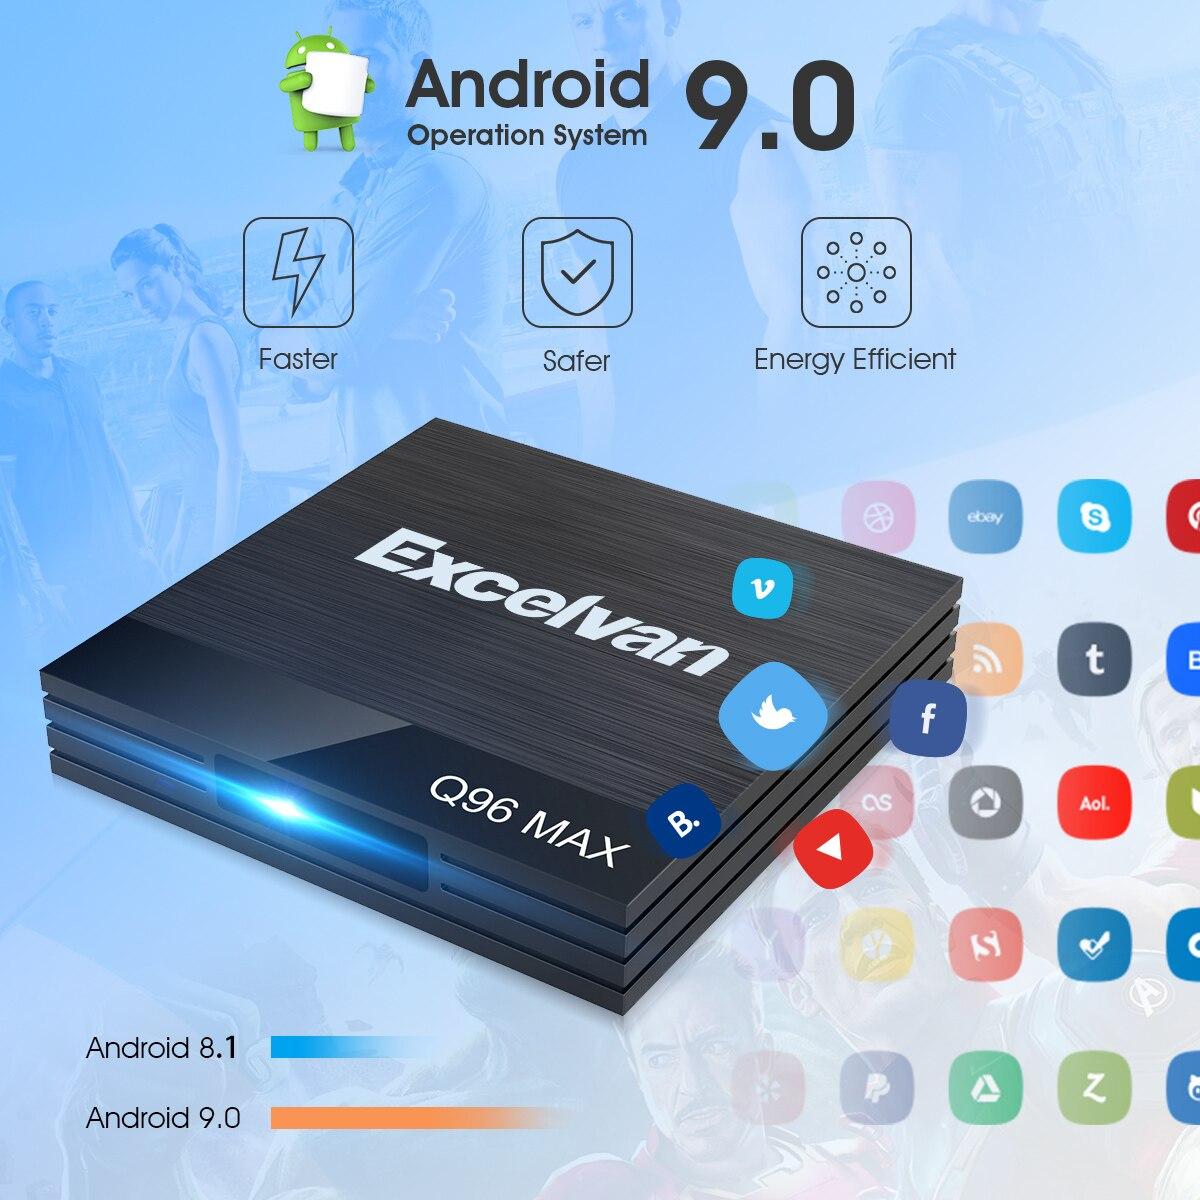 Excelvan Q96 Max Android 9.0 Smart TV Box 4GB RAM 32GB ROM Allwinner H6 USB3.0 100Mbps 2.4G WiFi Top Box Smart Media